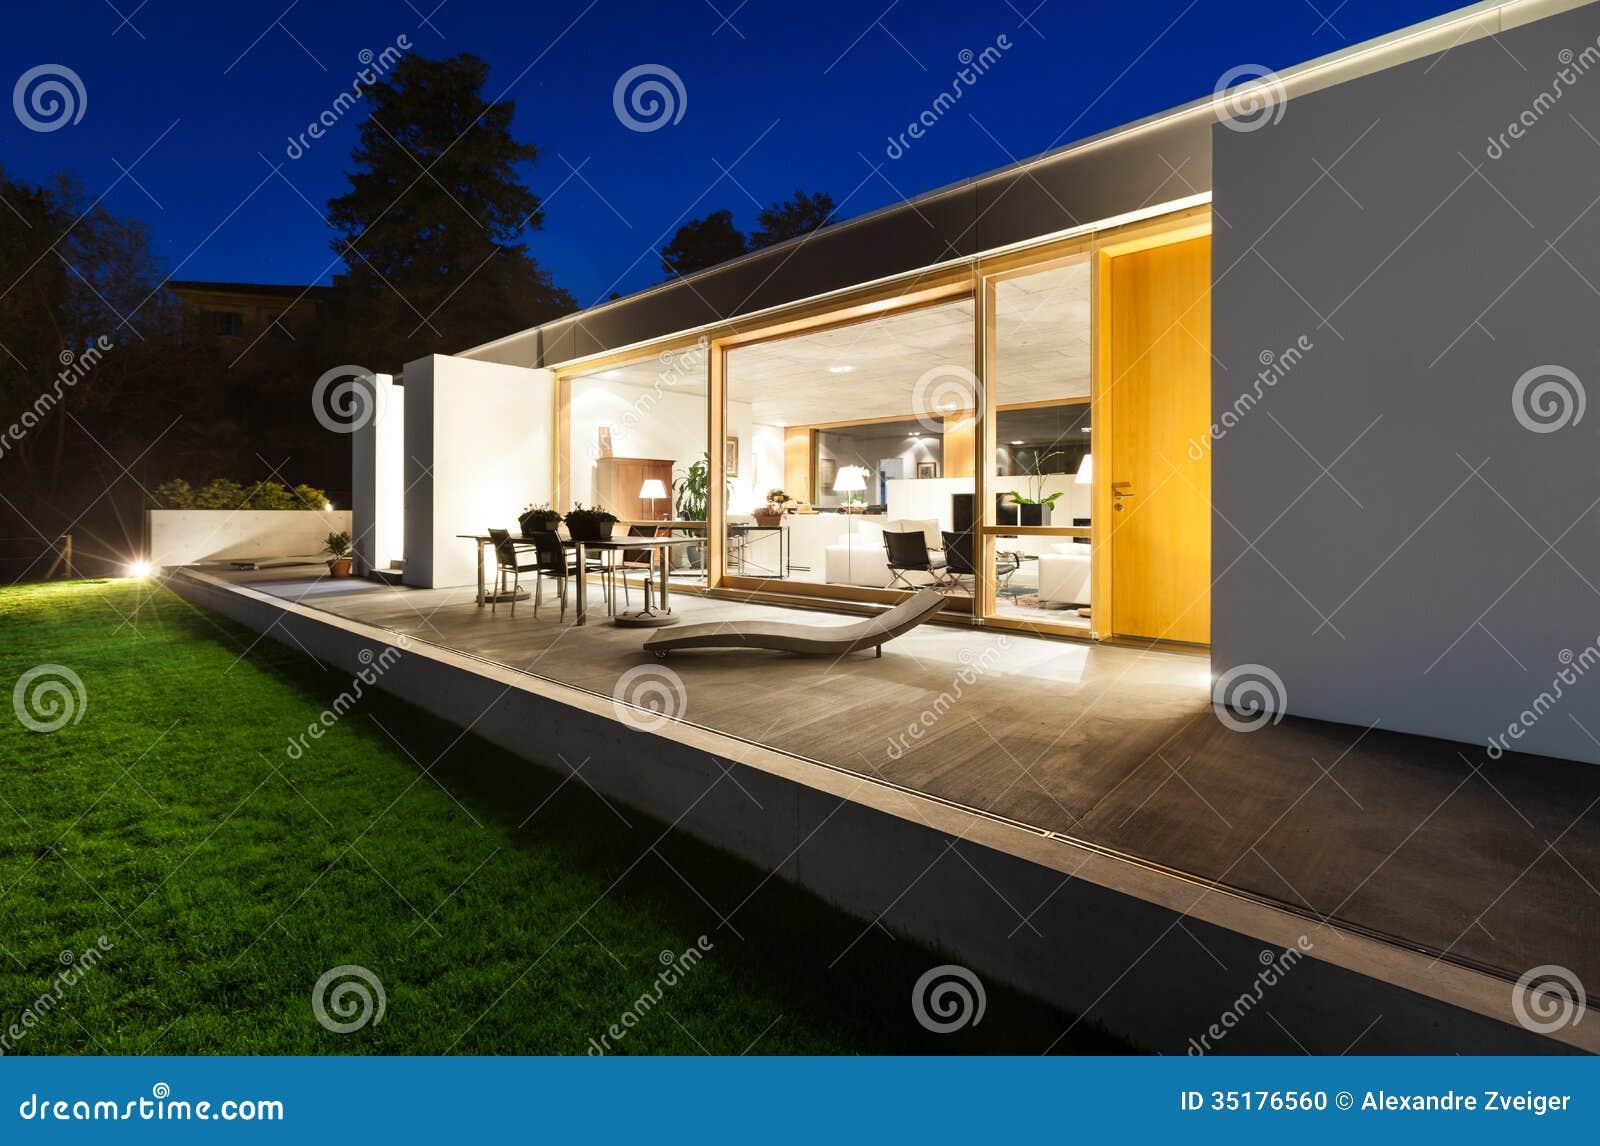 Schönes Modernes Haus Im Zement Stockfoto - Bild von leer, außen ...